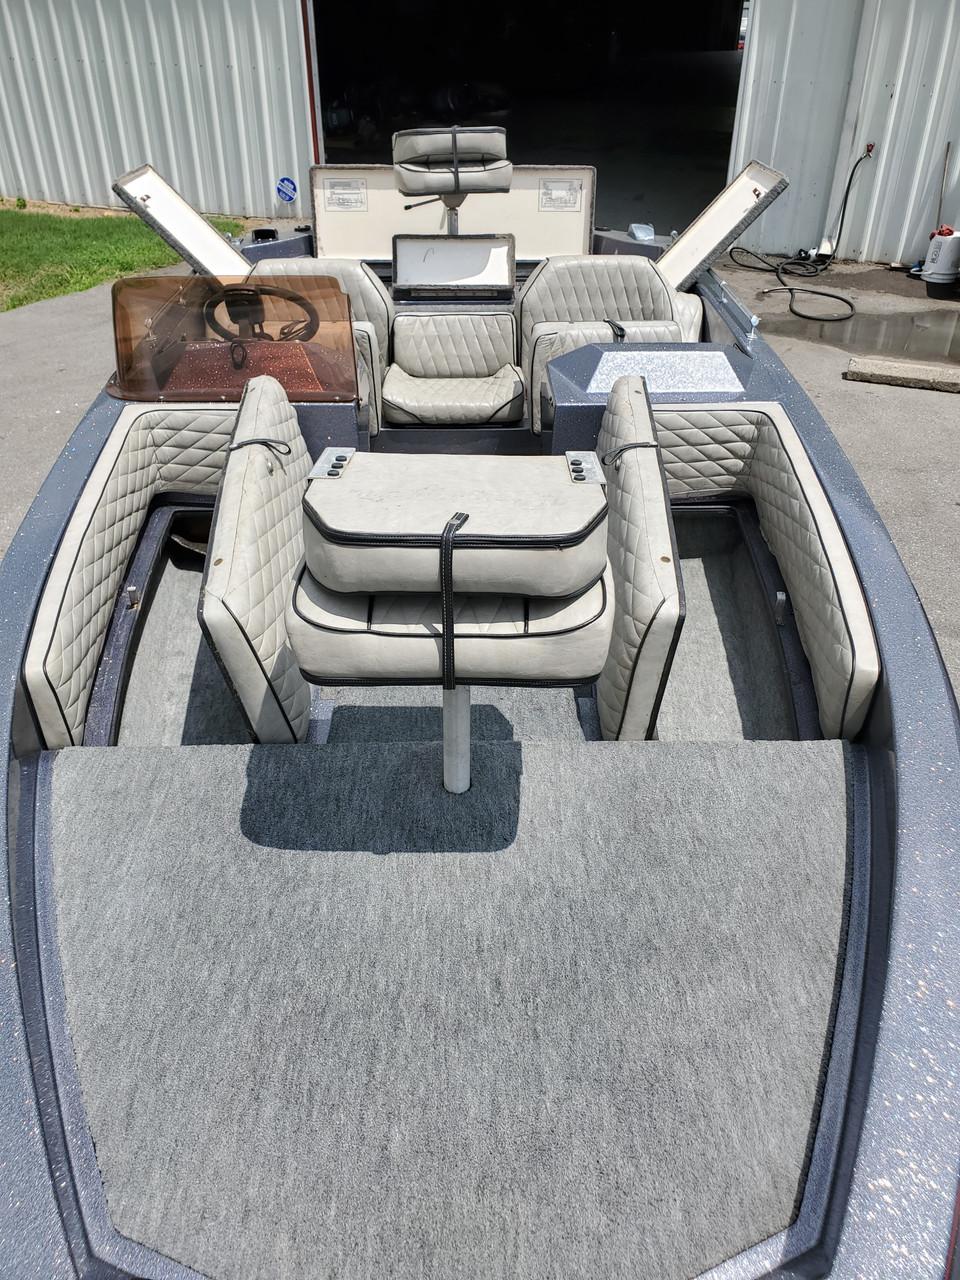 1985 Ranger 18' Fiberglass Boat with Trailer